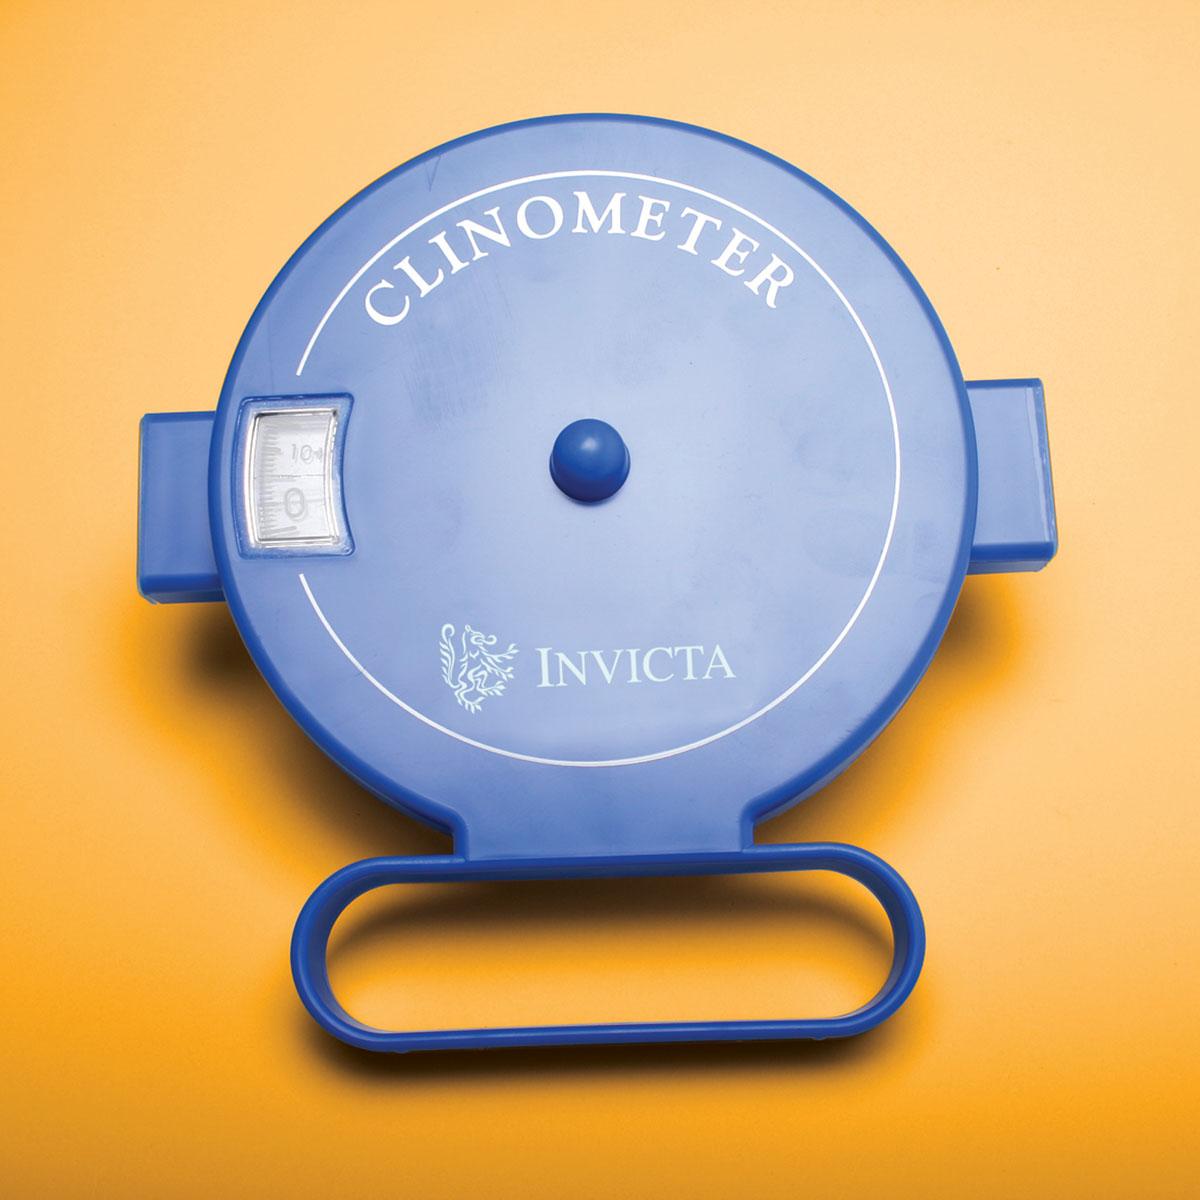 Invicta MK2 Clinometer - Pack of 6